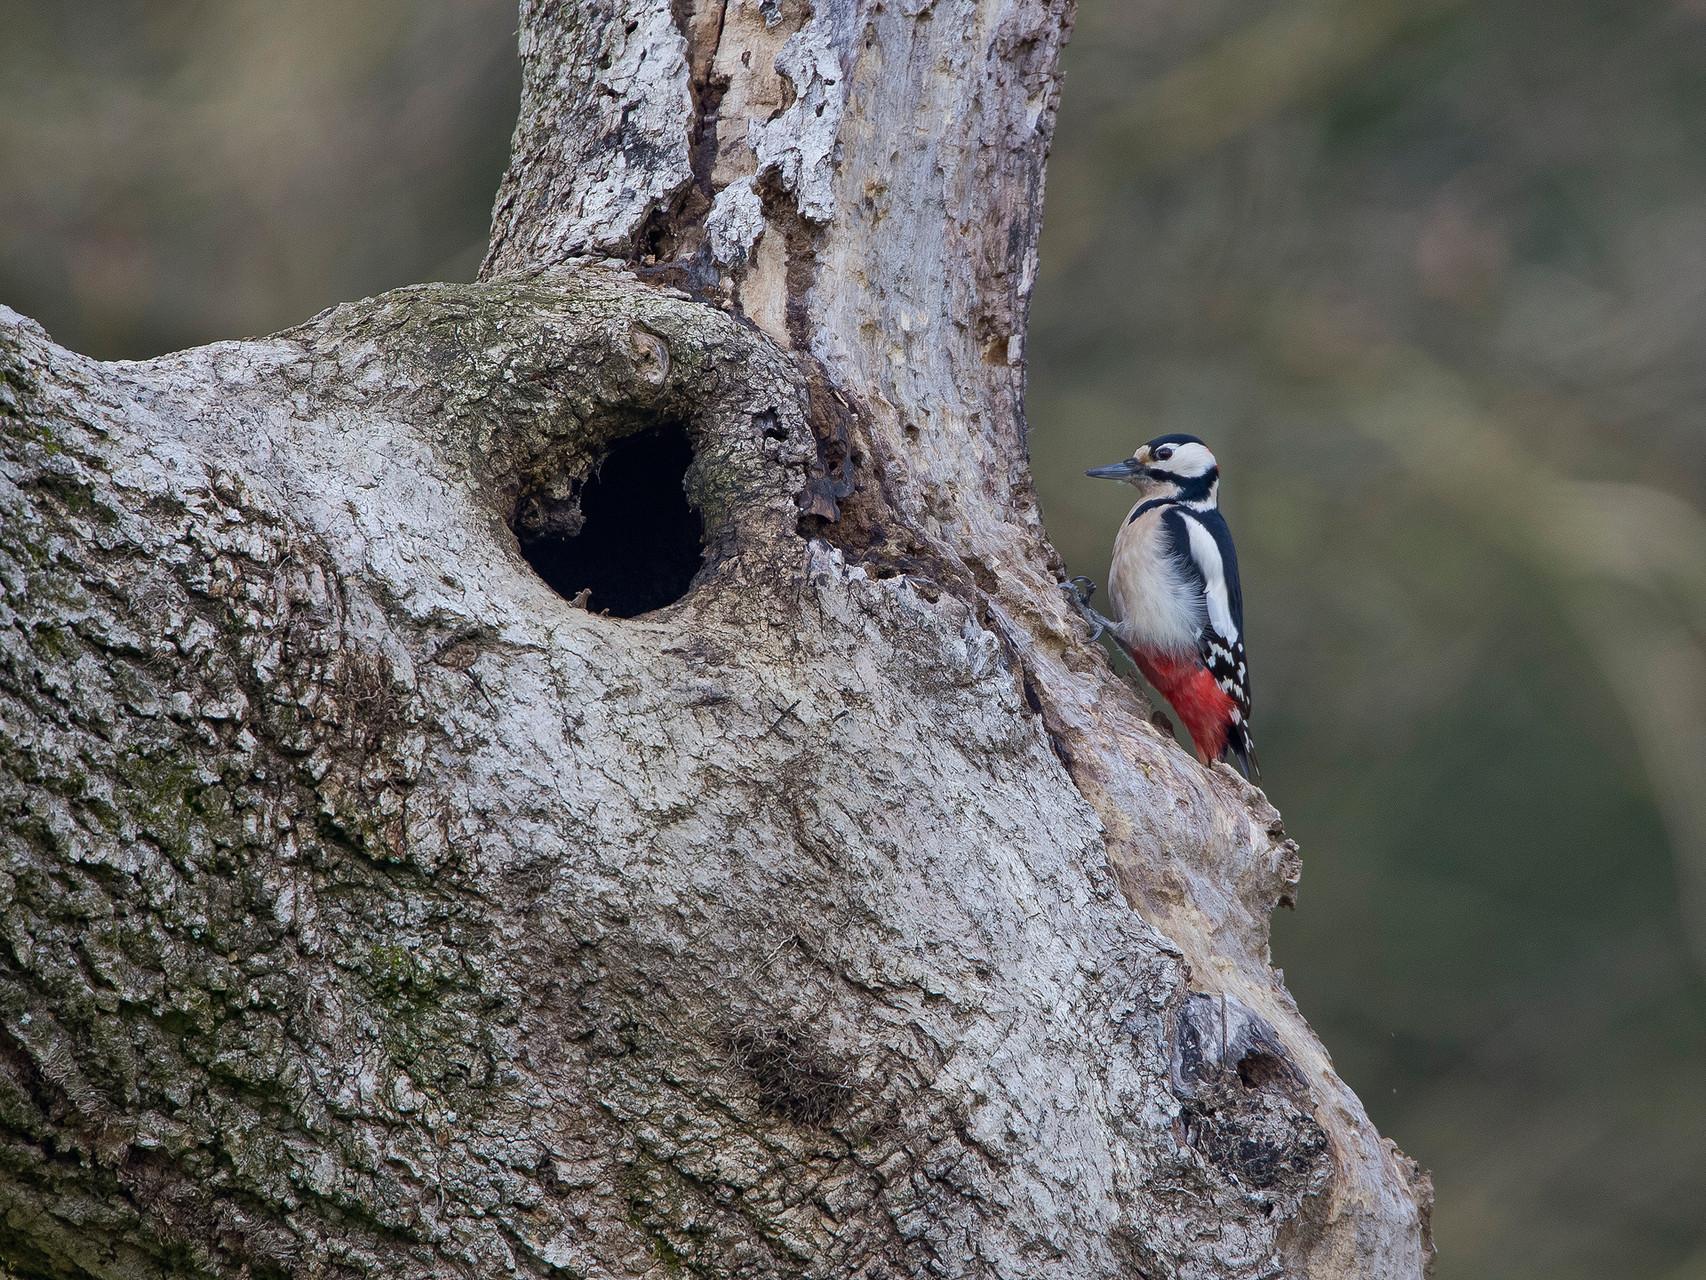 Der Buntspecht kommt überall vor, wo es dickere Bäume hat, sowohl im Wald und Kulturland als auch im Siedlungsraum...